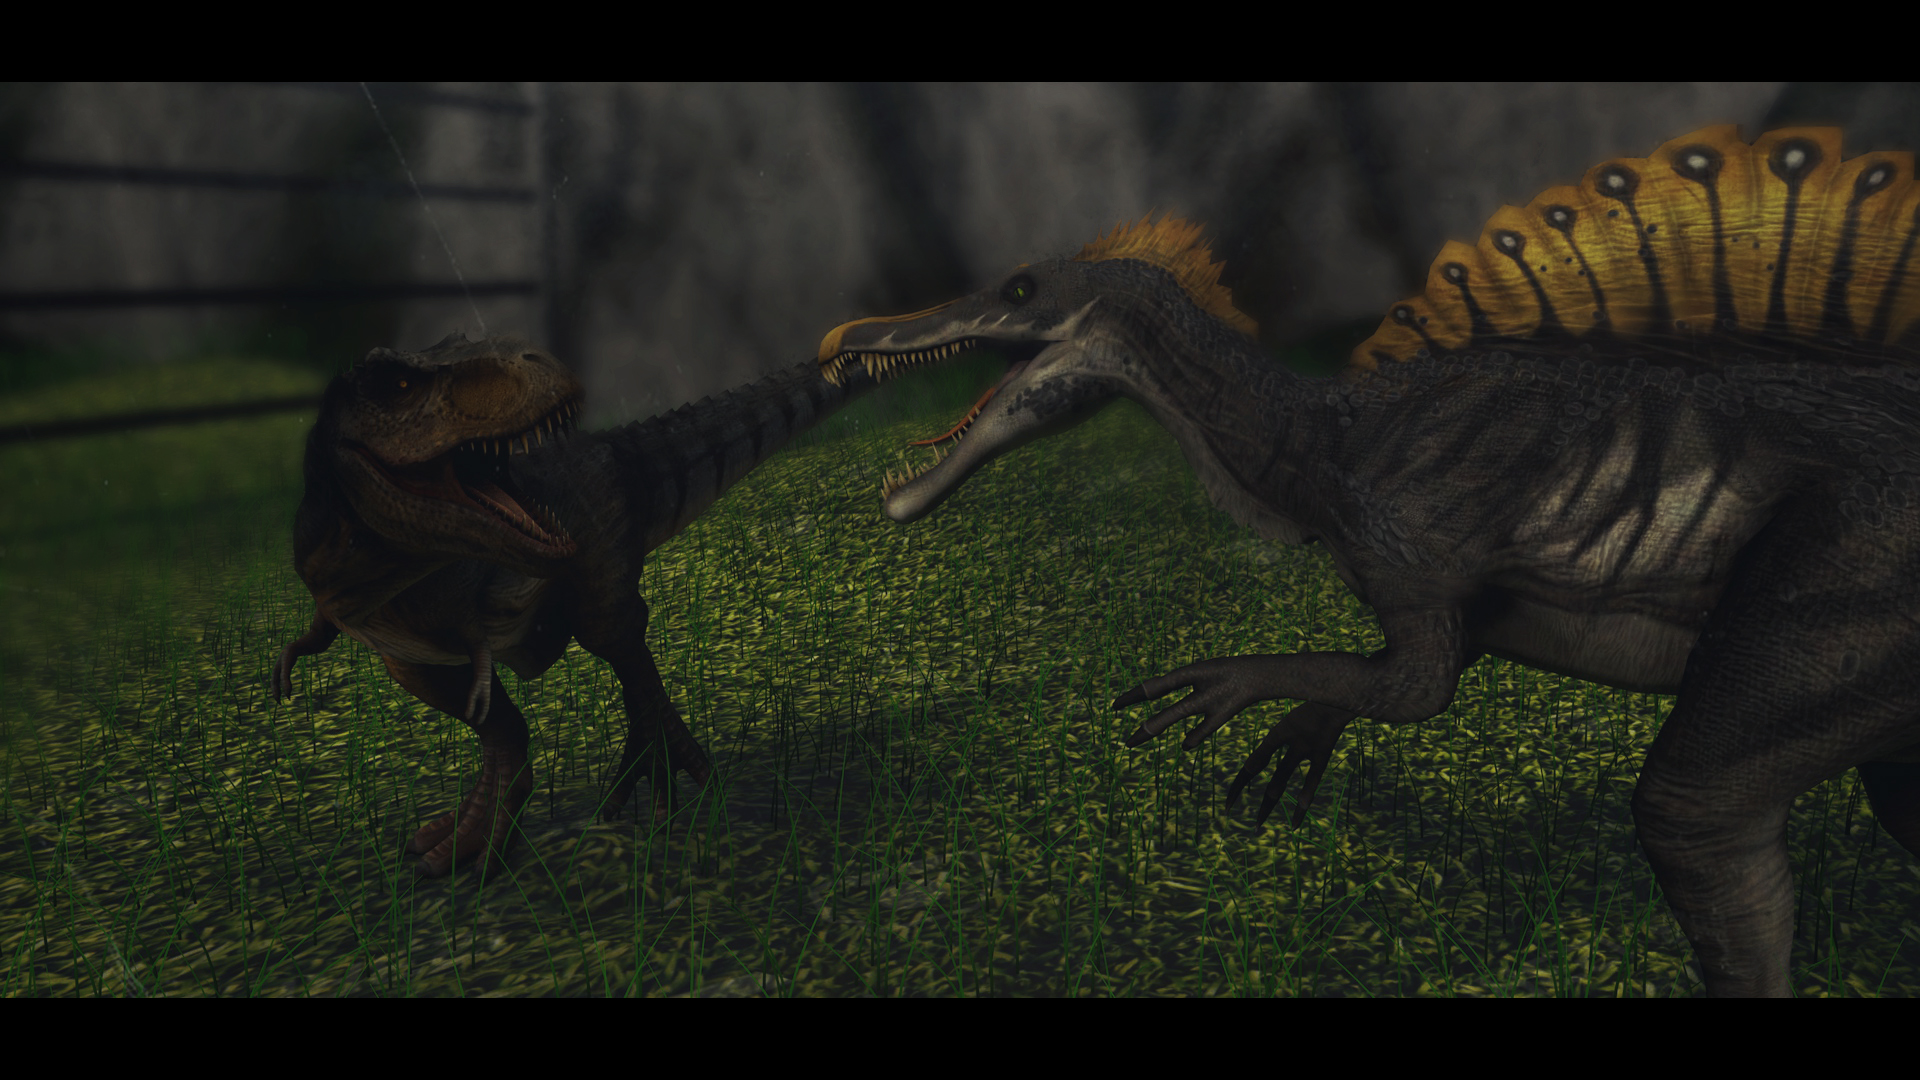 T-REX VS SPINOSAURUS ((REMAKE)) by DazFX on DeviantArt